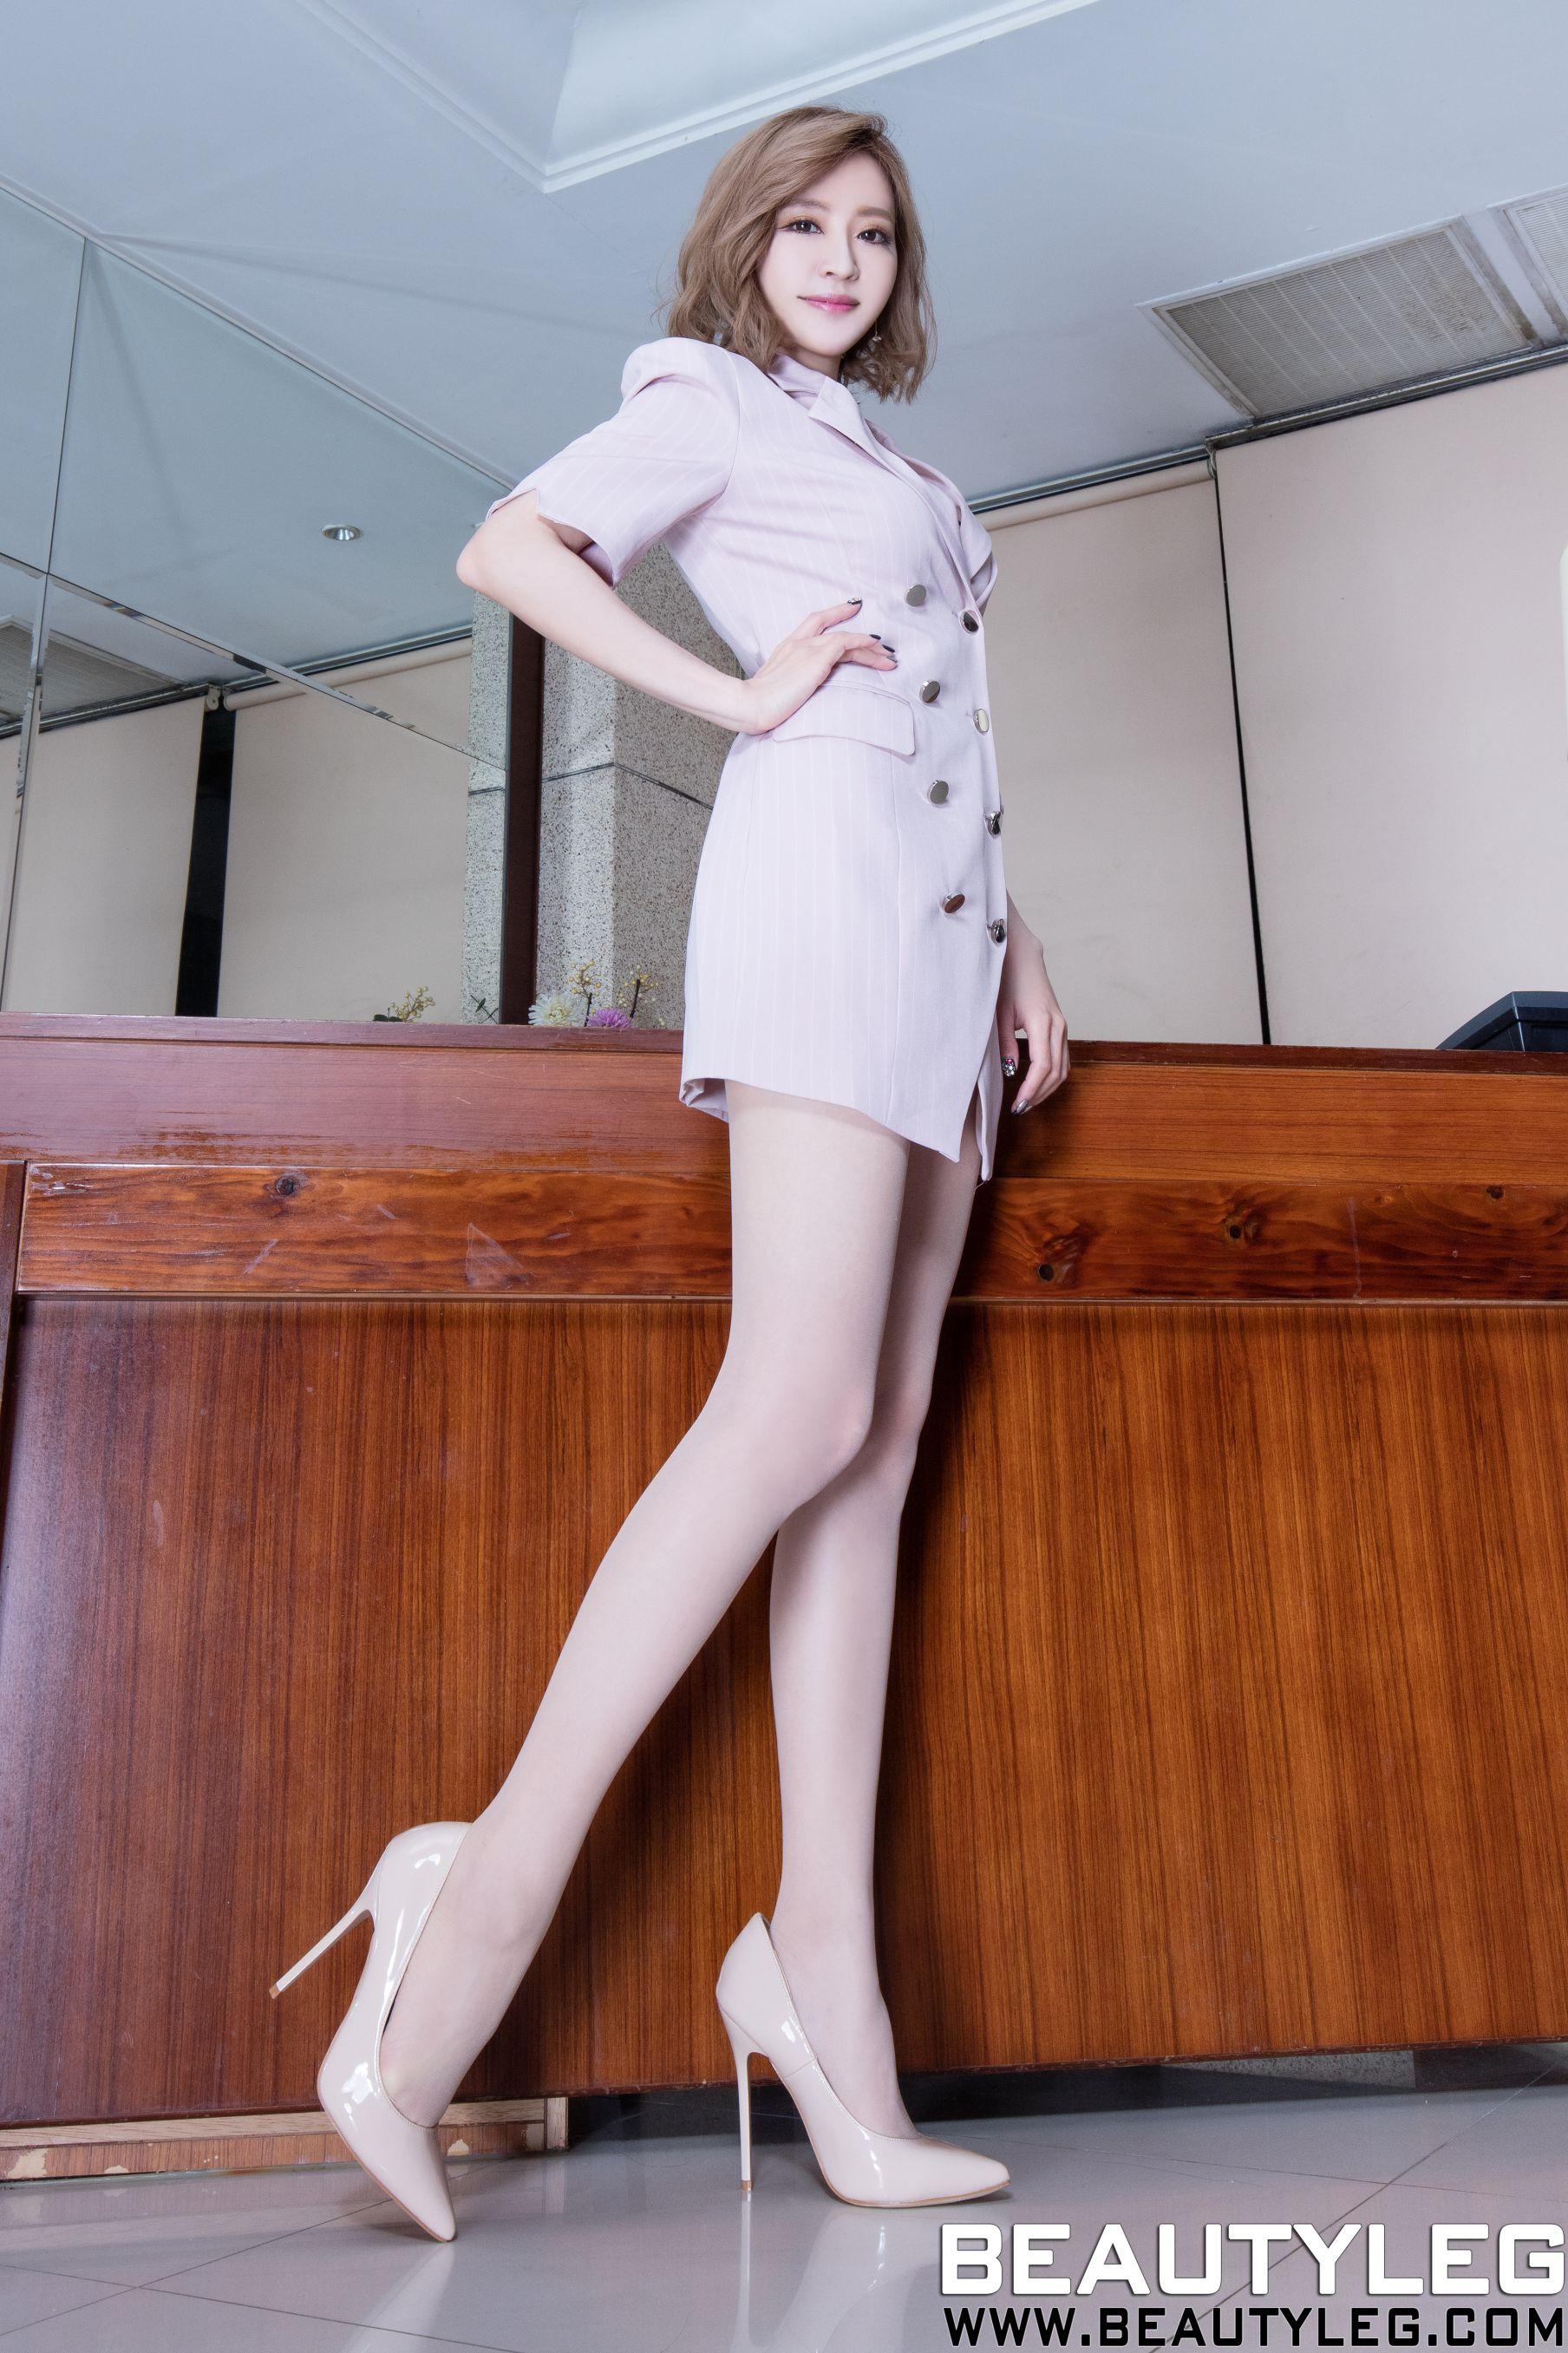 VOL.371 [Beautyleg]短发气质丝袜美腿肉丝袜:倪千凌(腿模Lucy,陈佳筠)高品质写真套图(45P)